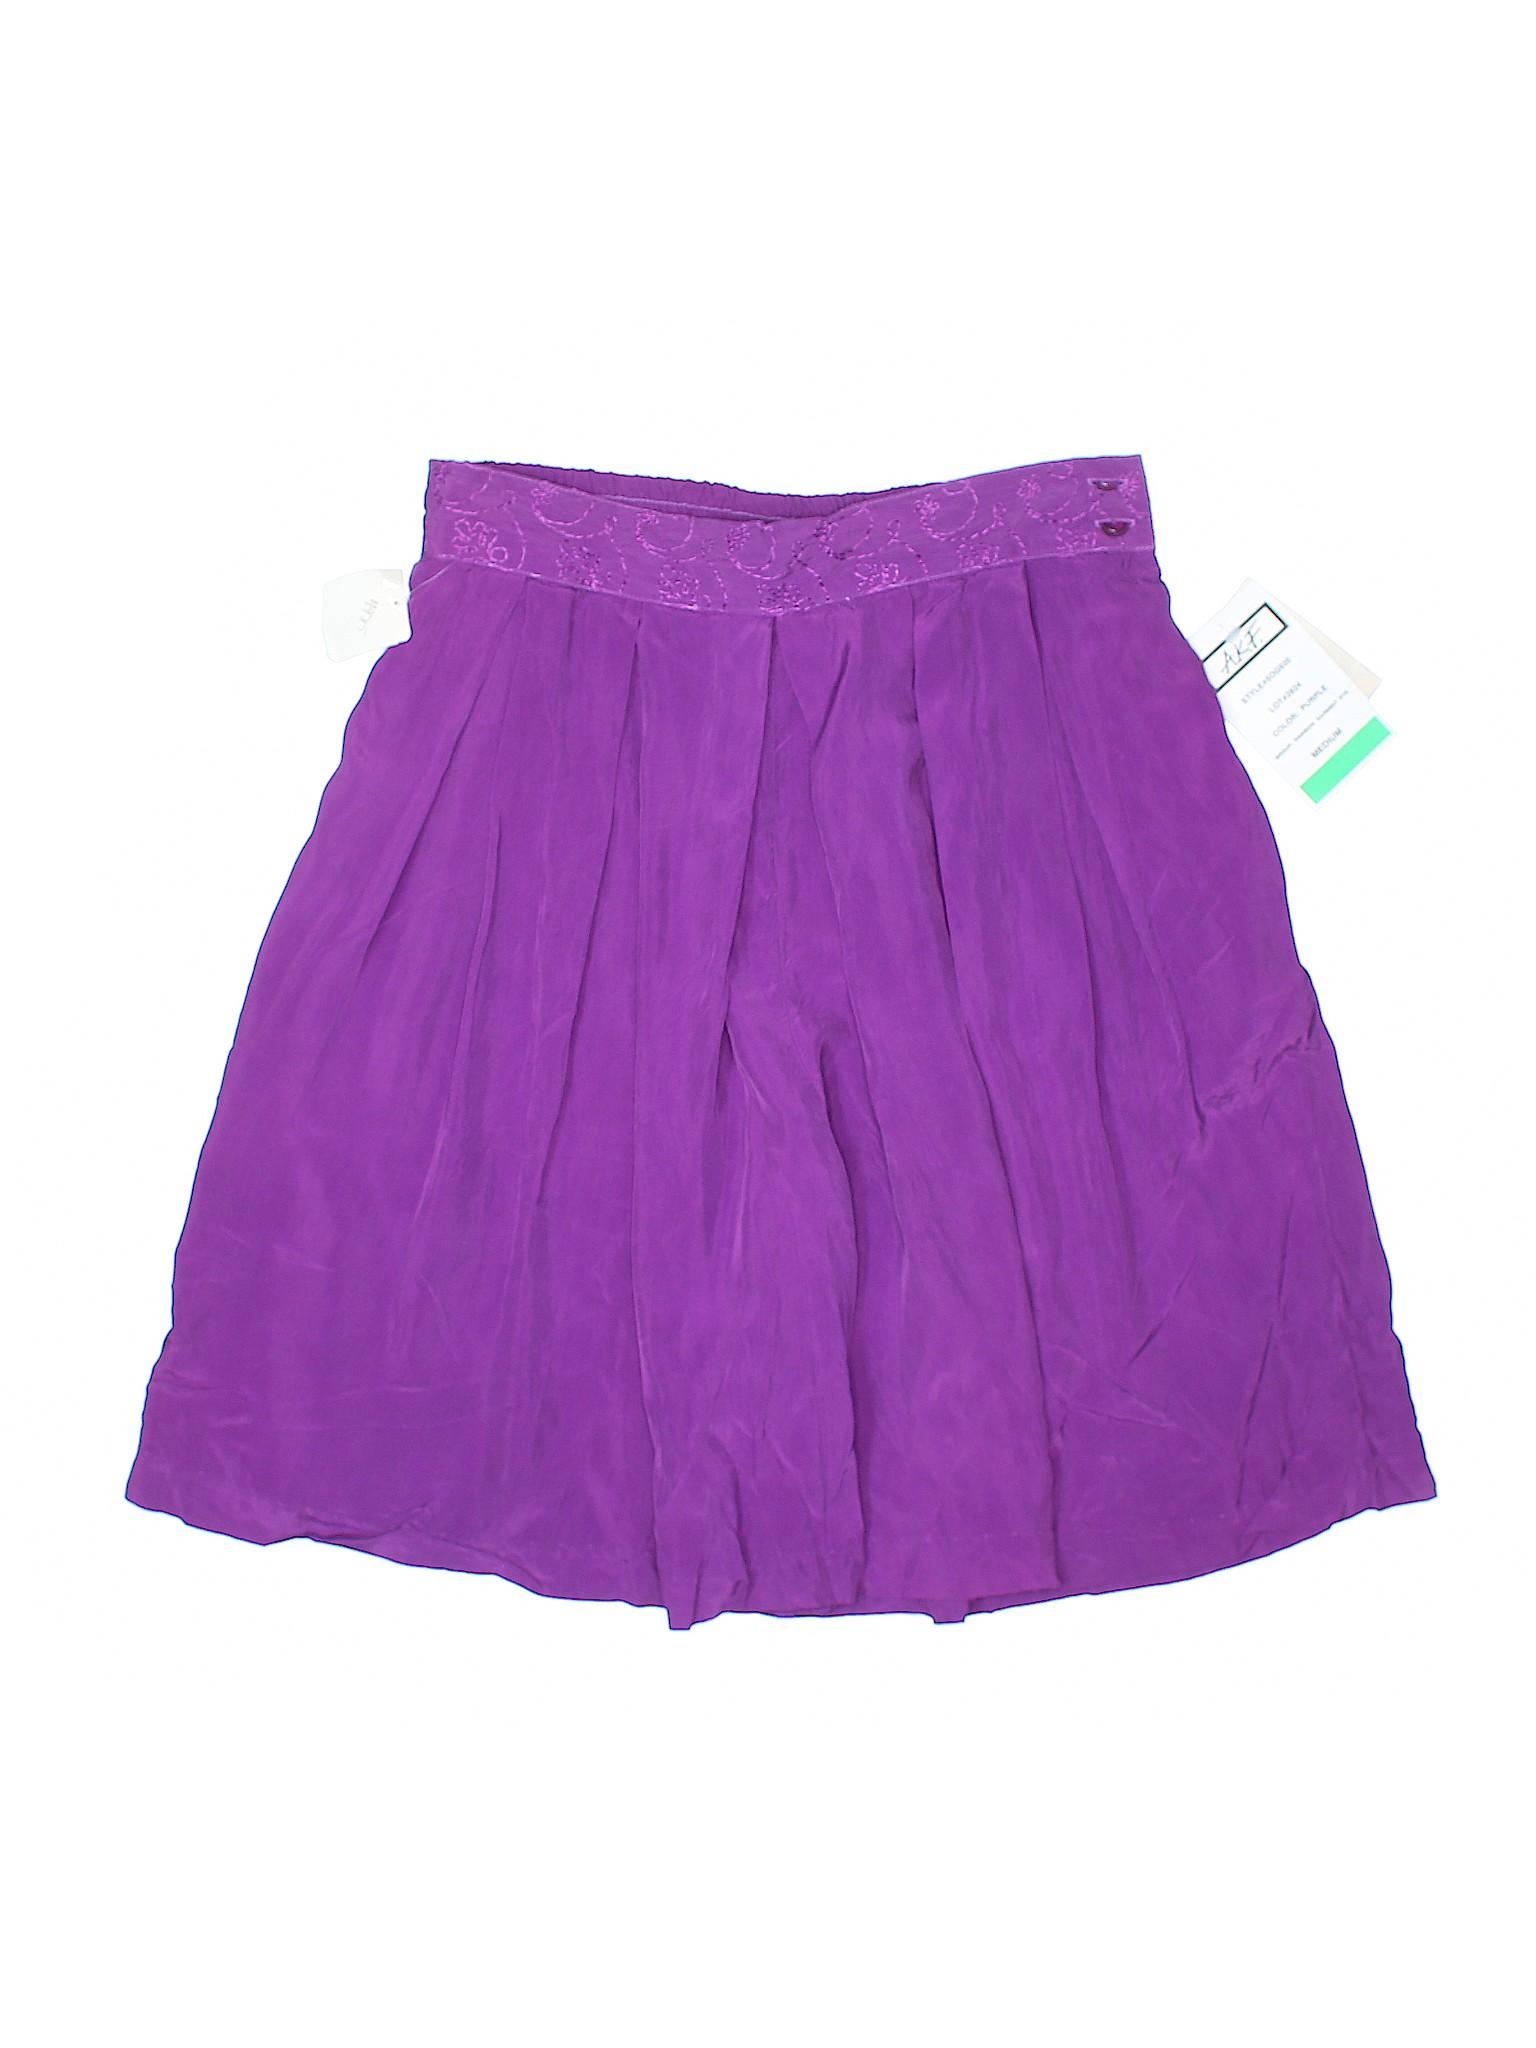 K Boutique F A Shorts Boutique A HtxnOgn